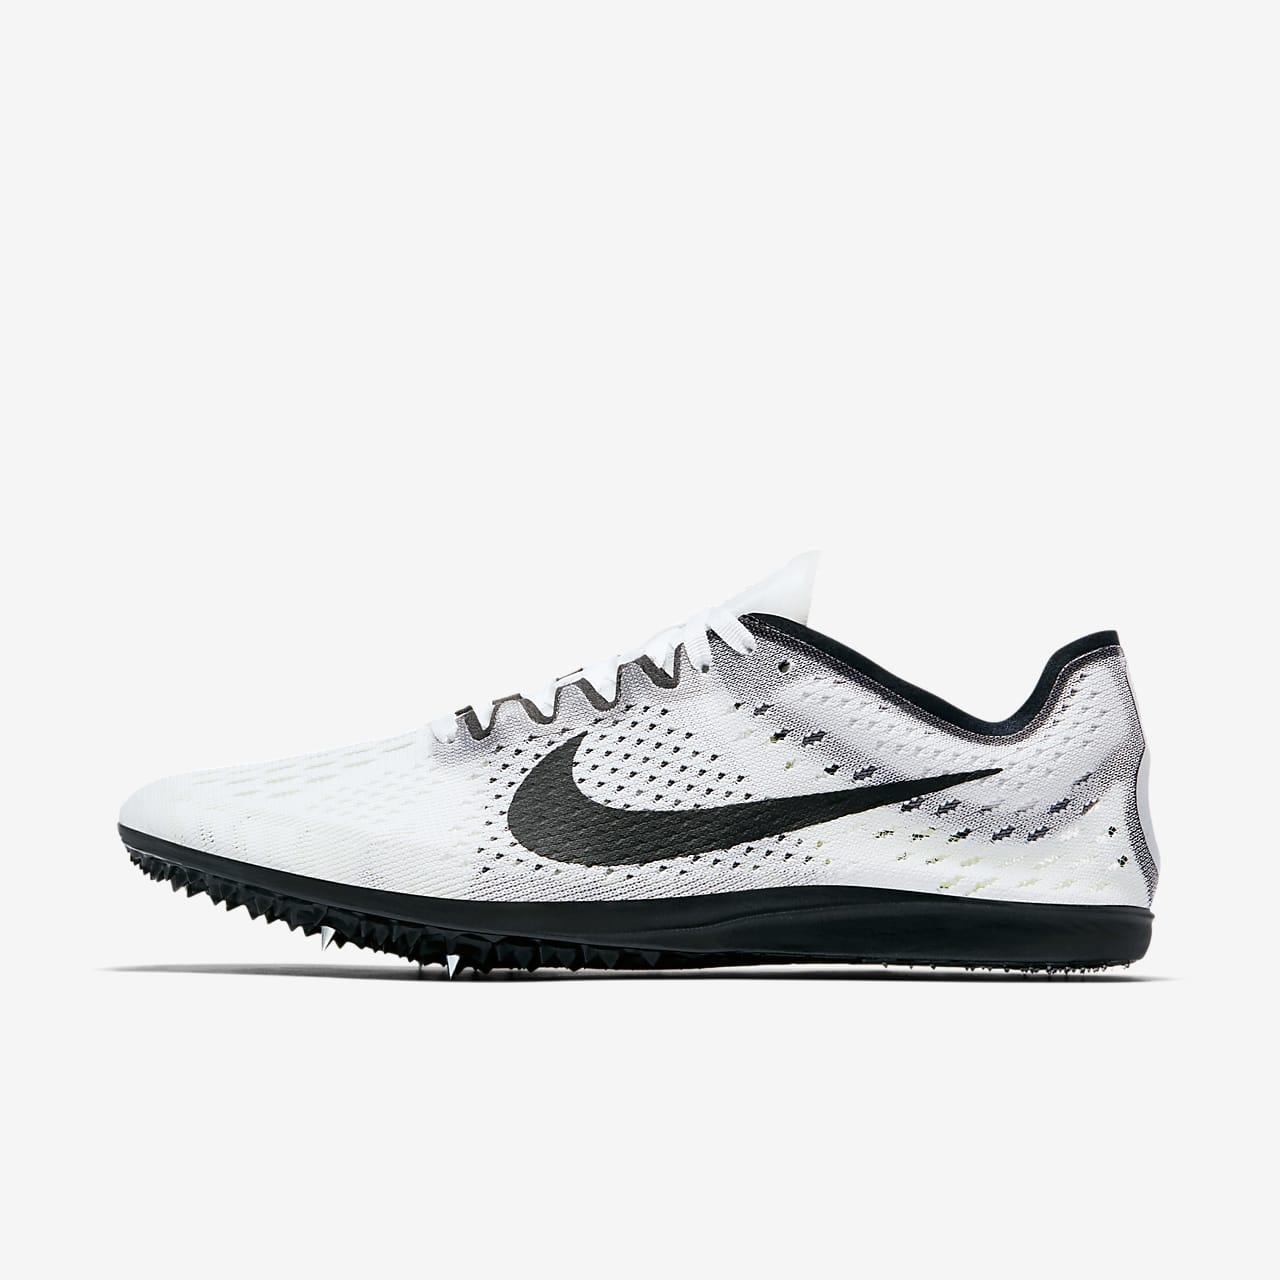 Nike Zoom Matumbo 3 Racing spike